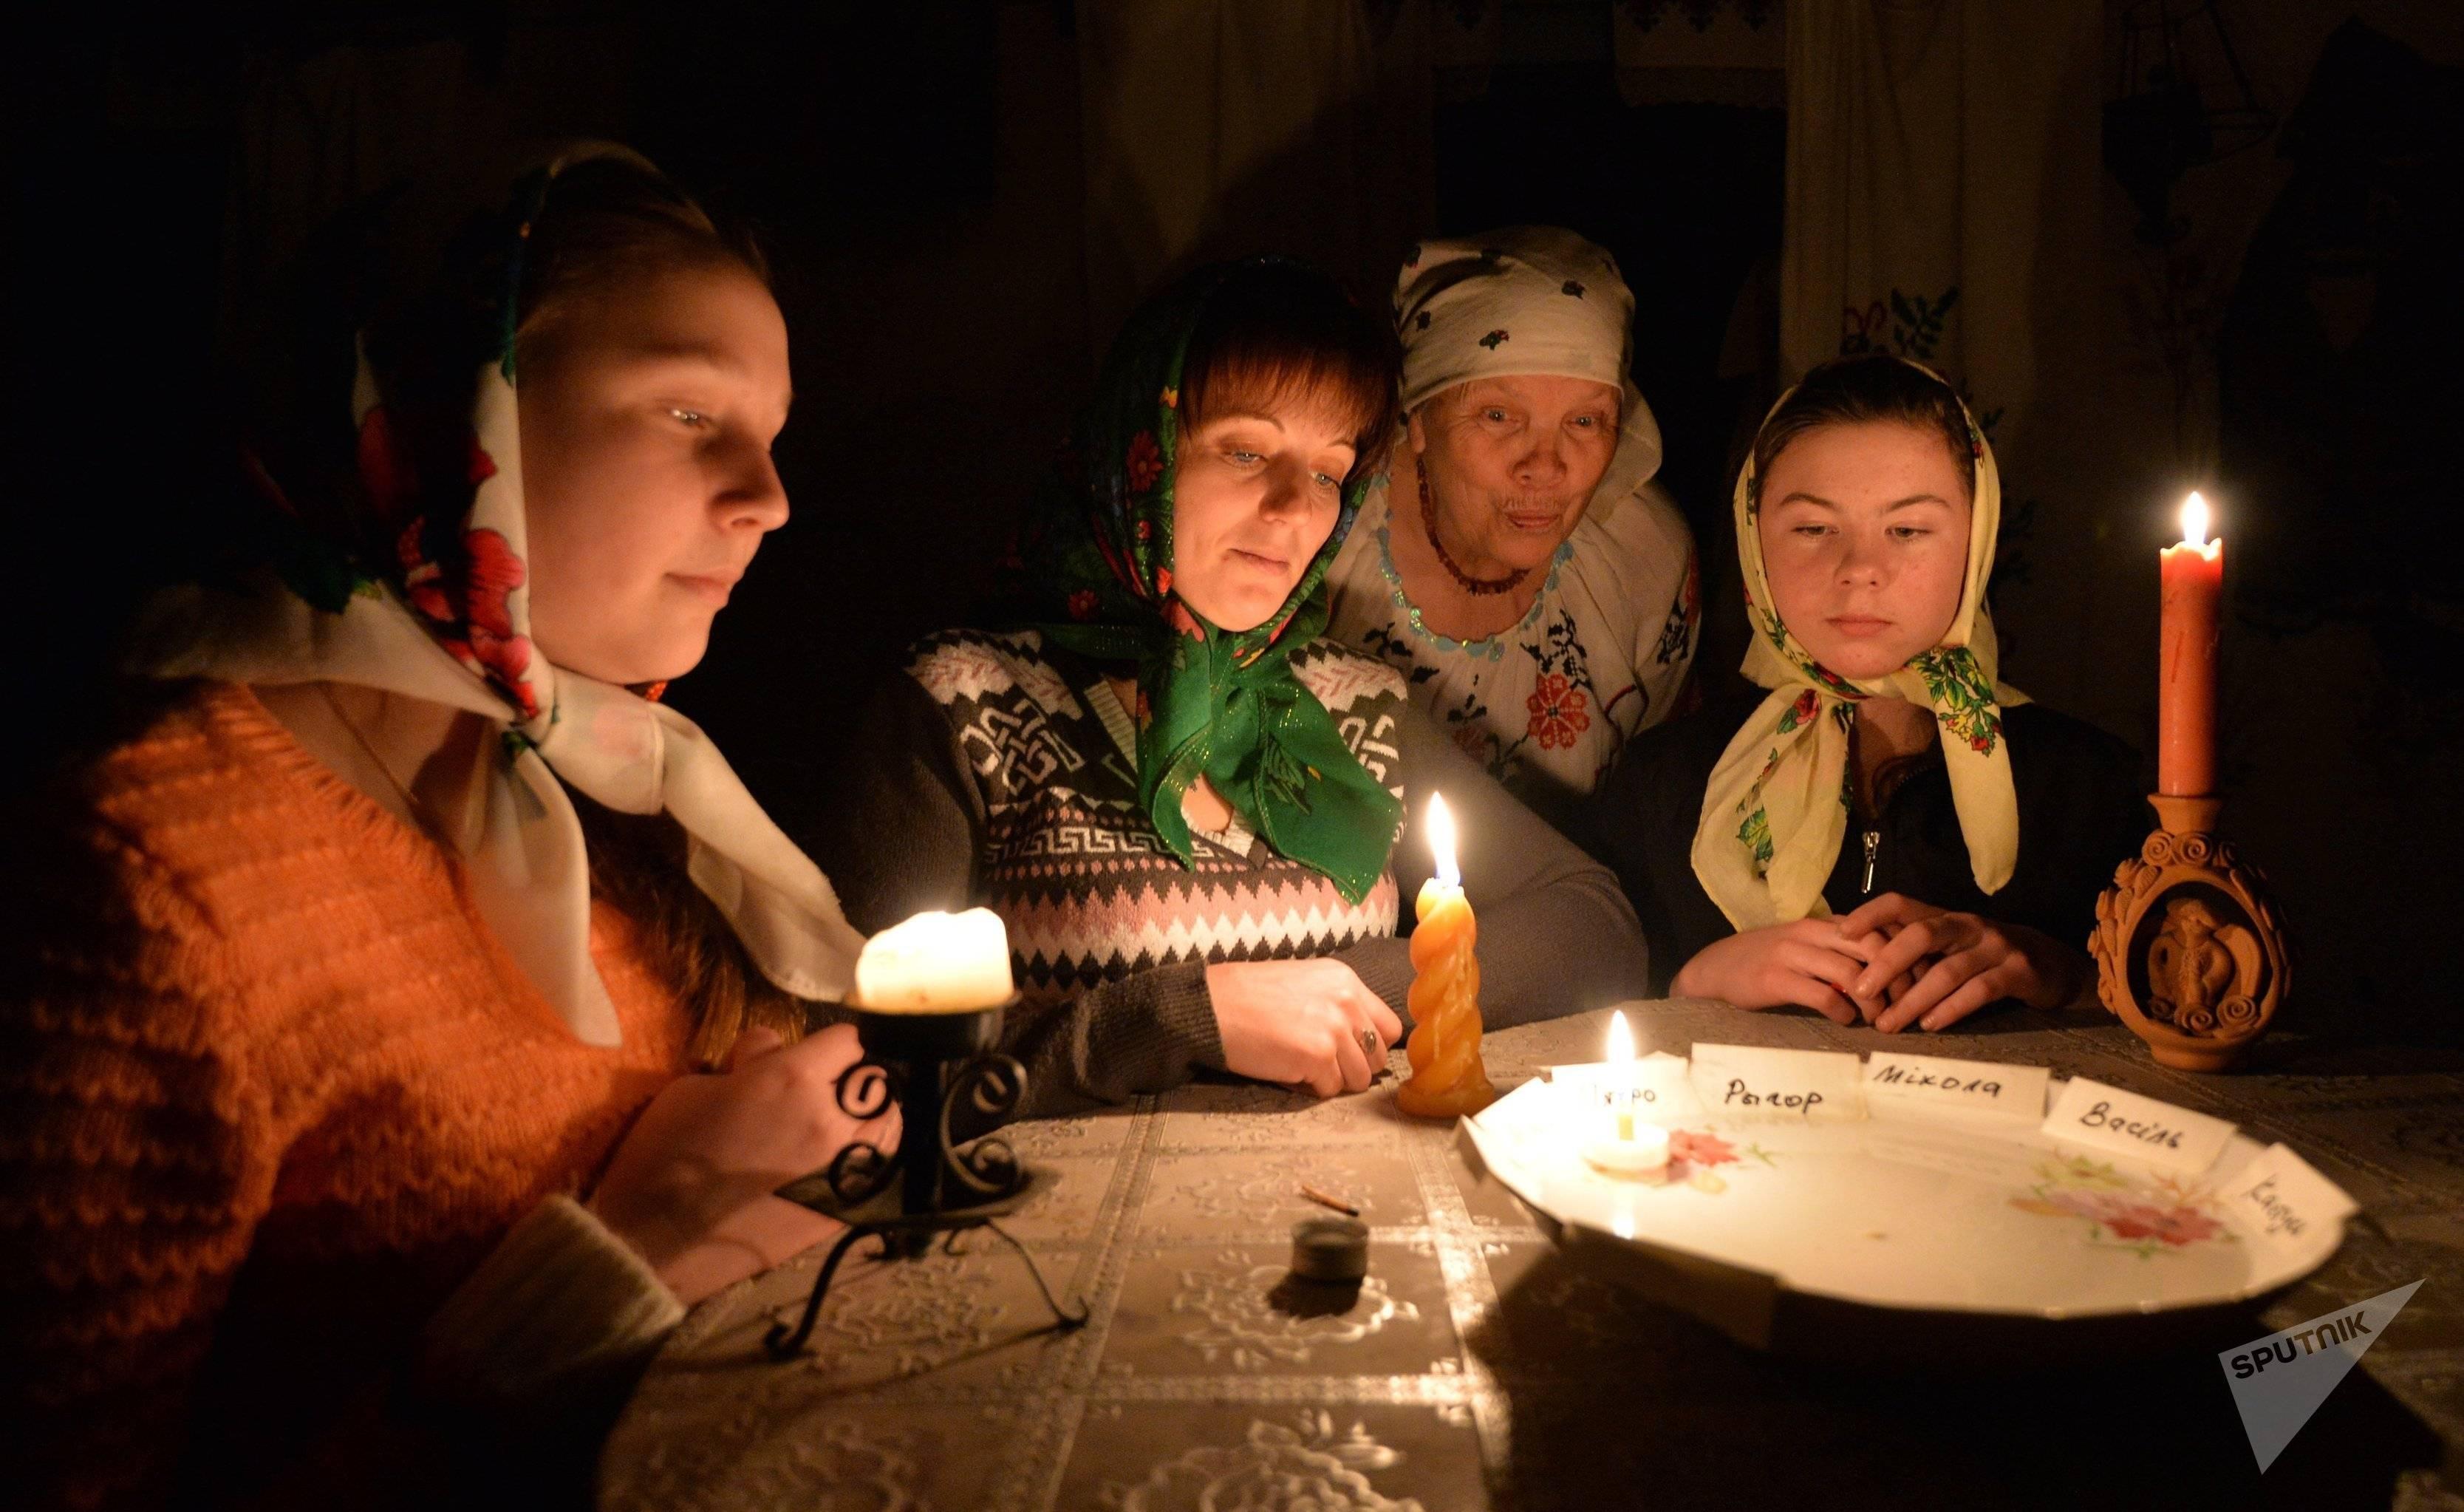 Домашние гадания под новый год и рождество: на желание, любовь, суженого, будущее